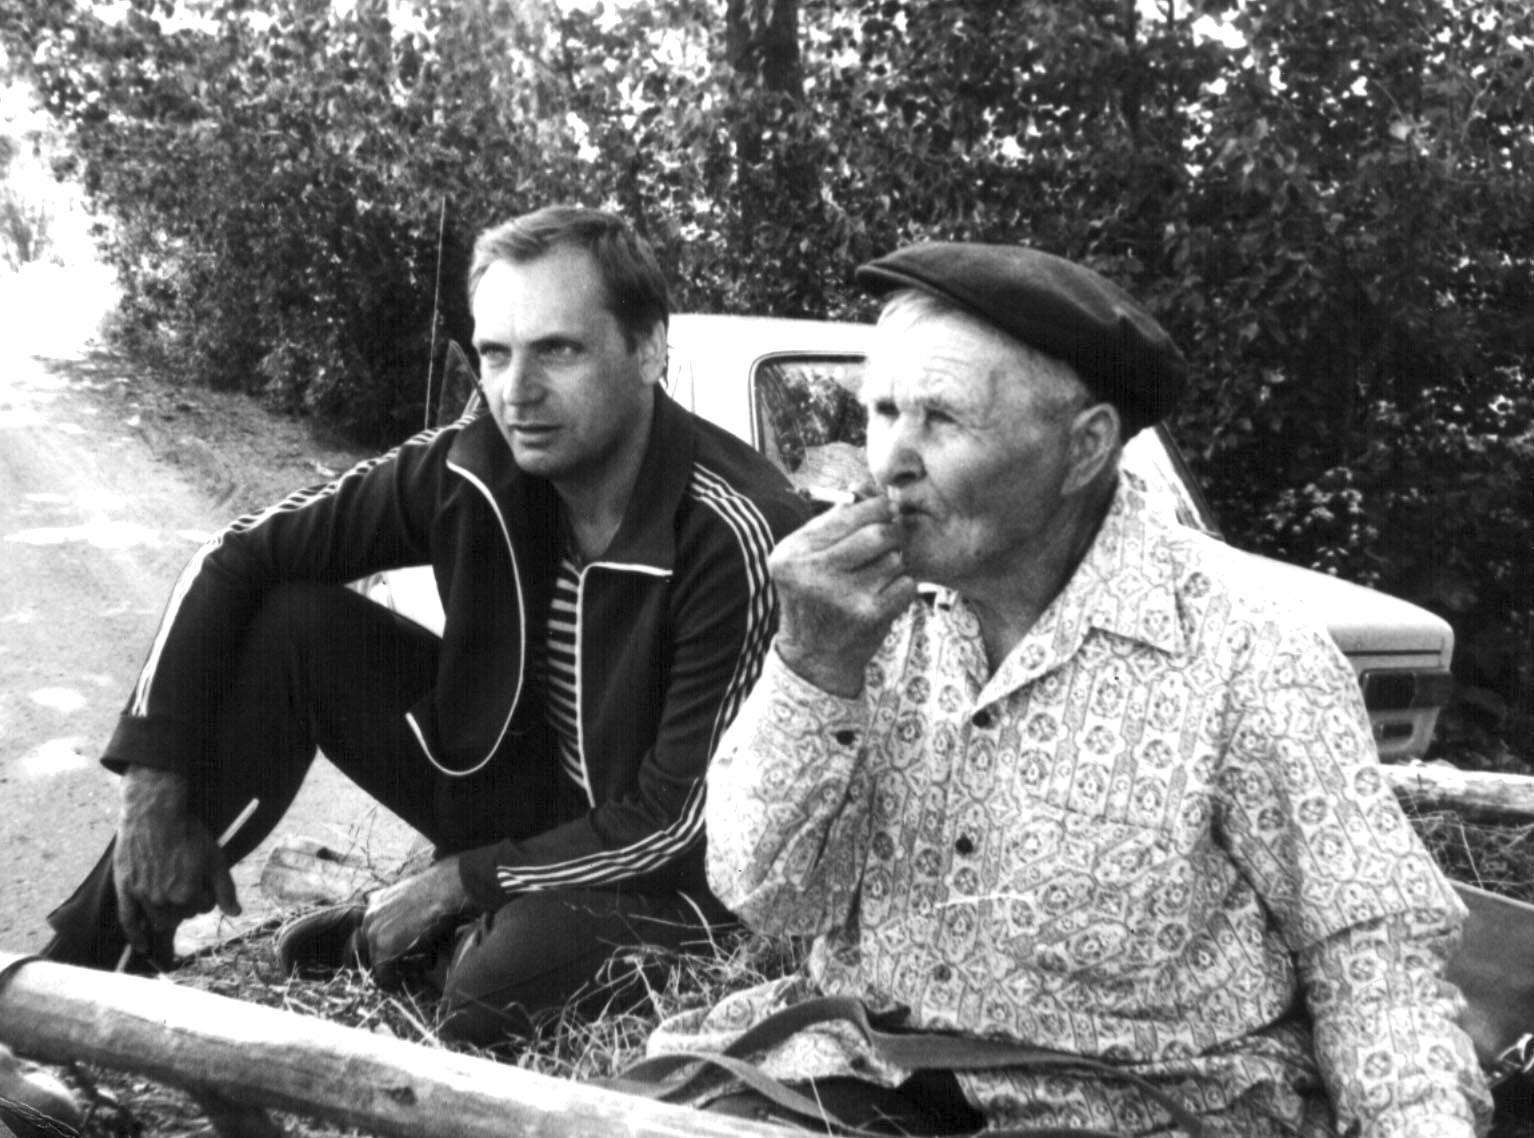 Саша Варламов в фольклорной экспедиции, начало 80-х